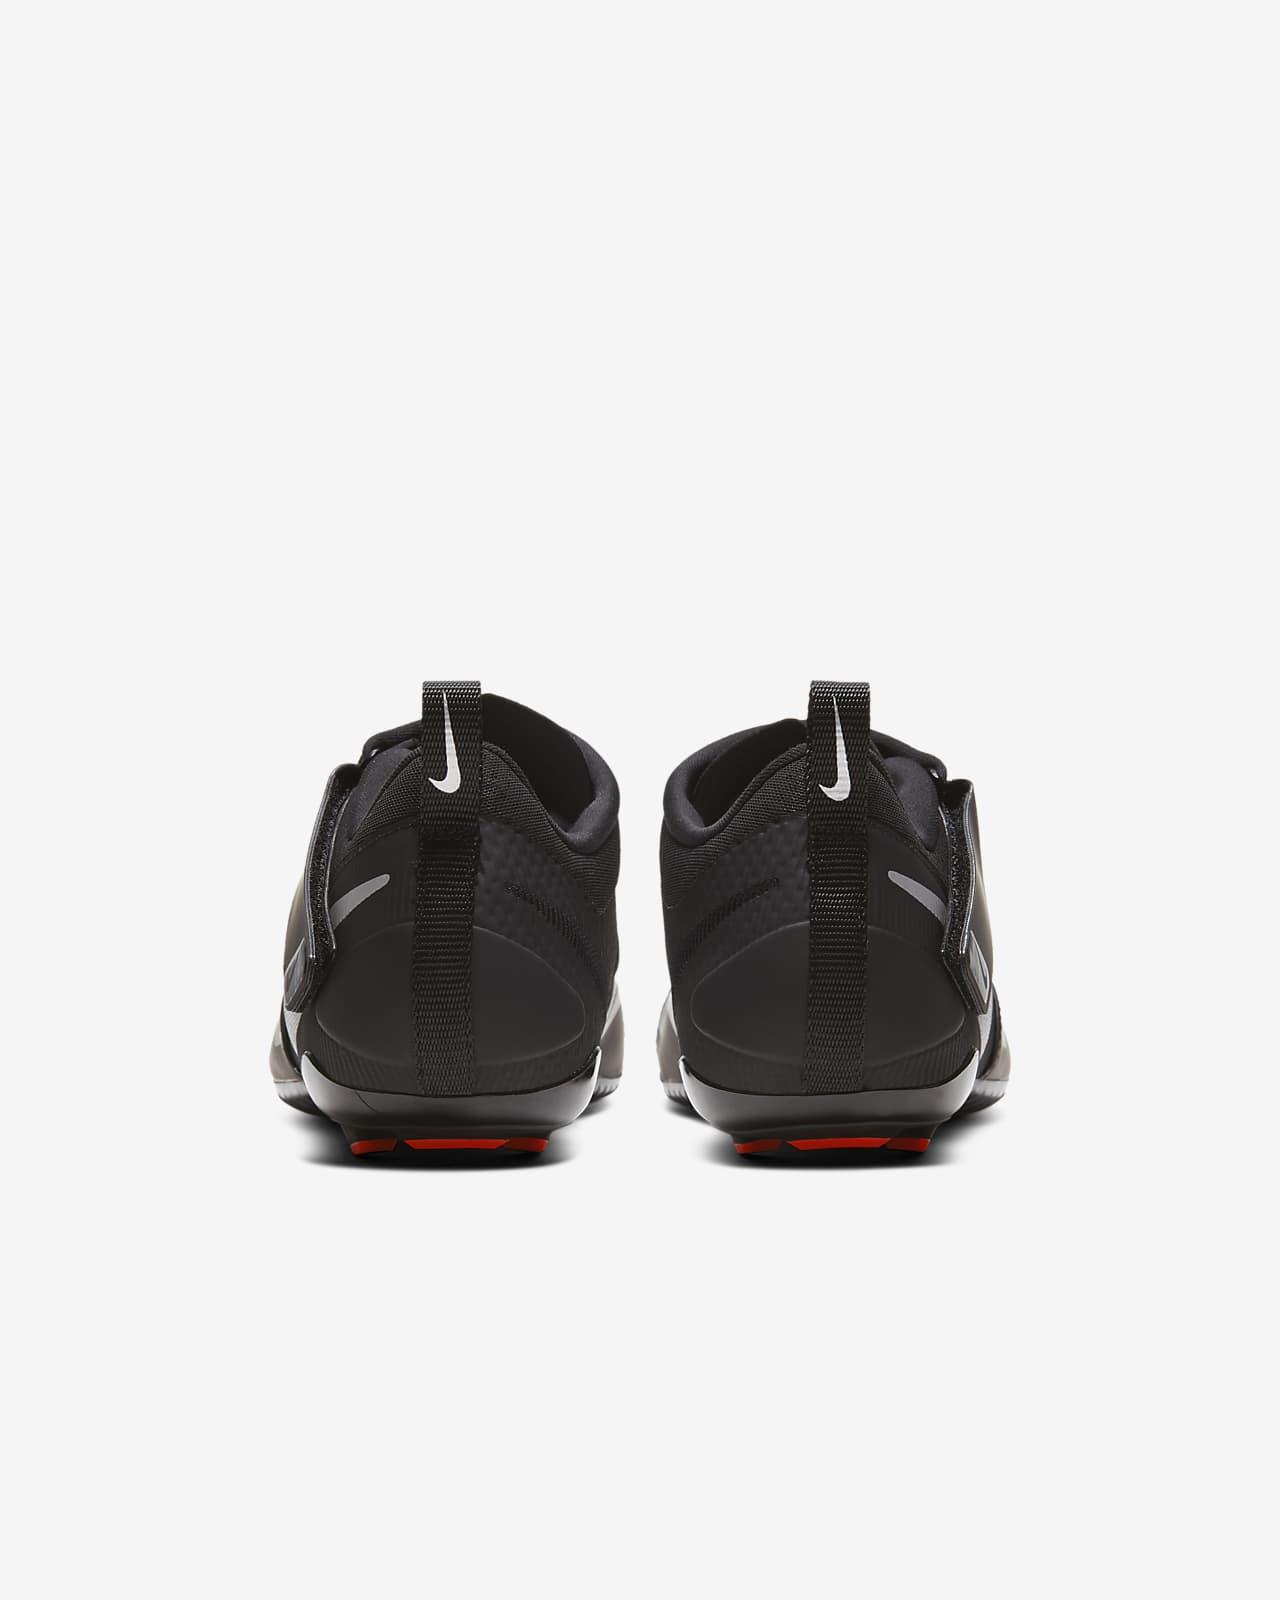 Chaussures de vélo en salle Nike SuperRep Cycle pour Homme